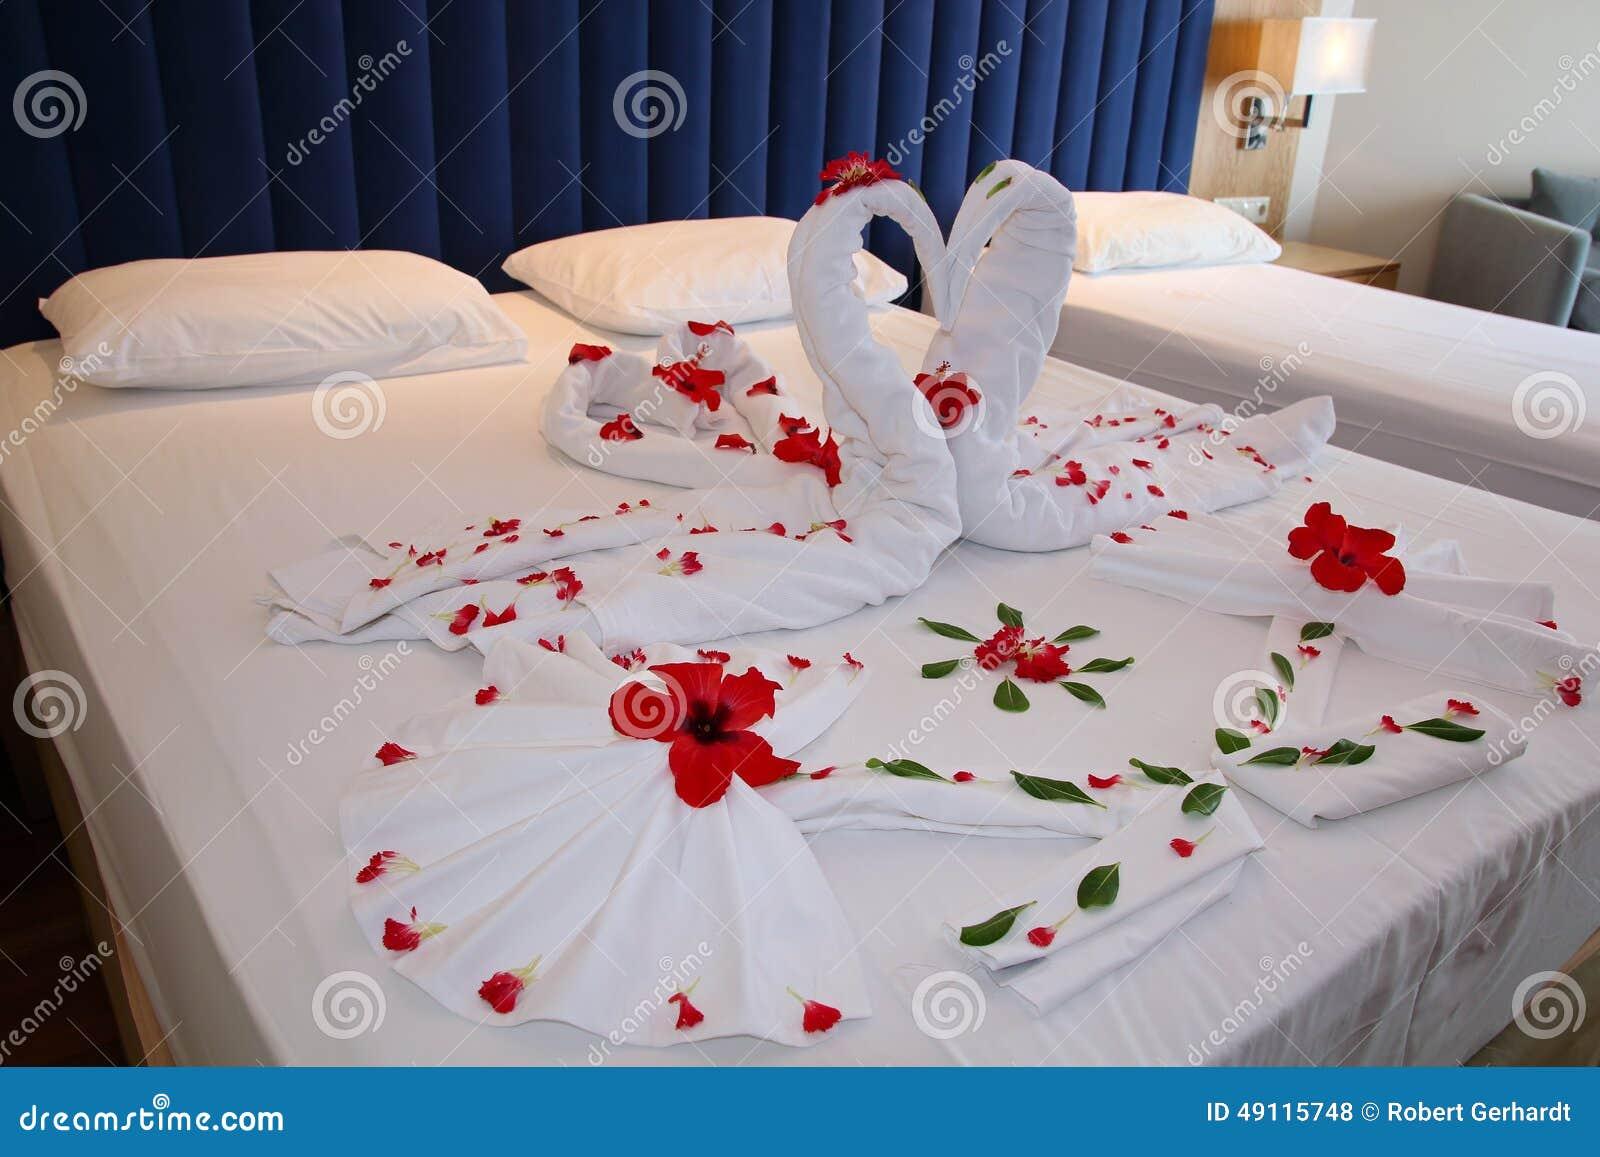 Camere Da Letto Romantiche Con Petali Di Rosa : Camera da letto nella serie di hotel con le decorazioni a forma di